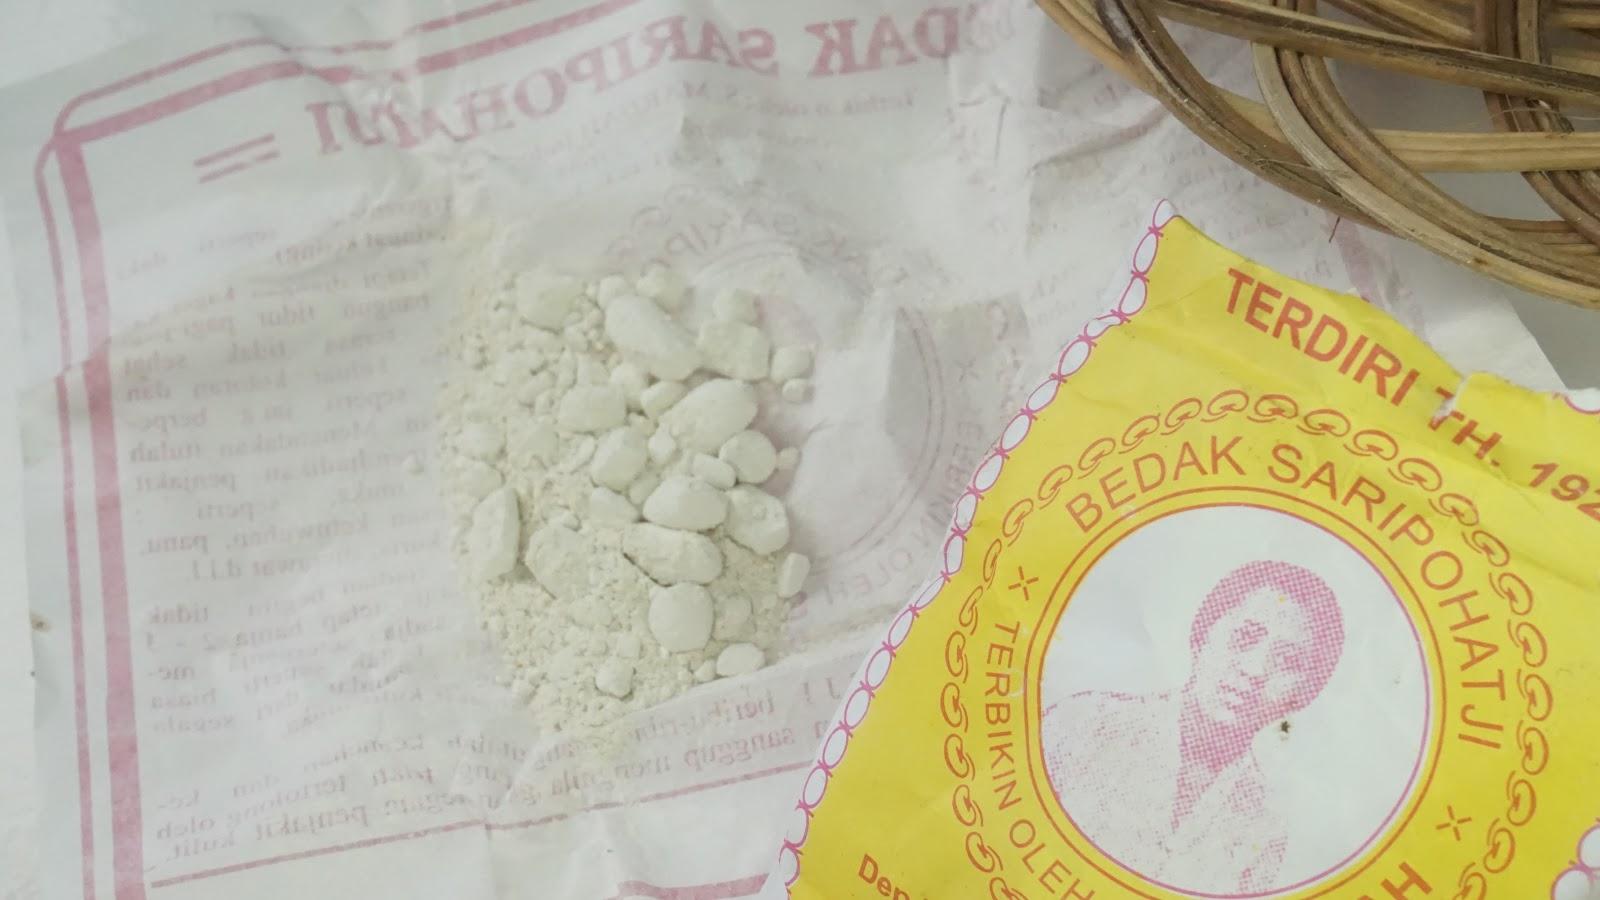 Bedak Dingin Saripohatji Rice Mask Dan Oat Meal For Oily Acne Masker Saripohaci Penghilang Jerawat Isi